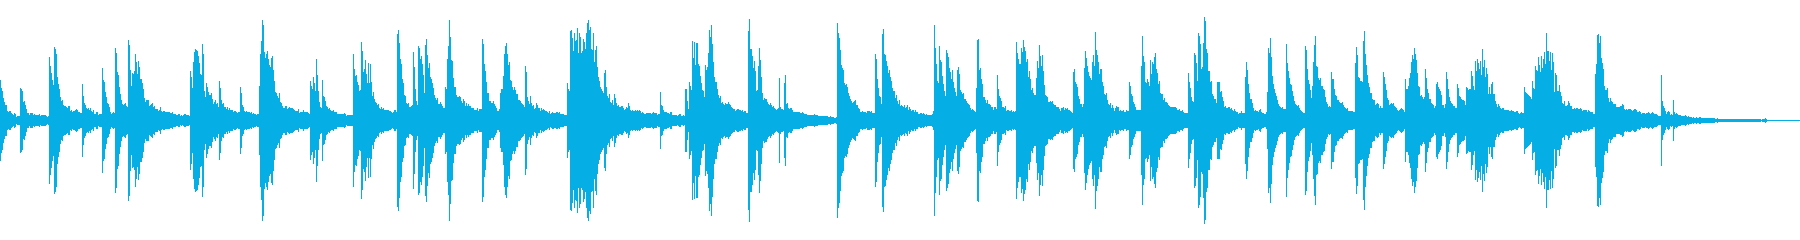 映像・ナレーション用ピアノ演奏(幻想)の再生済みの波形